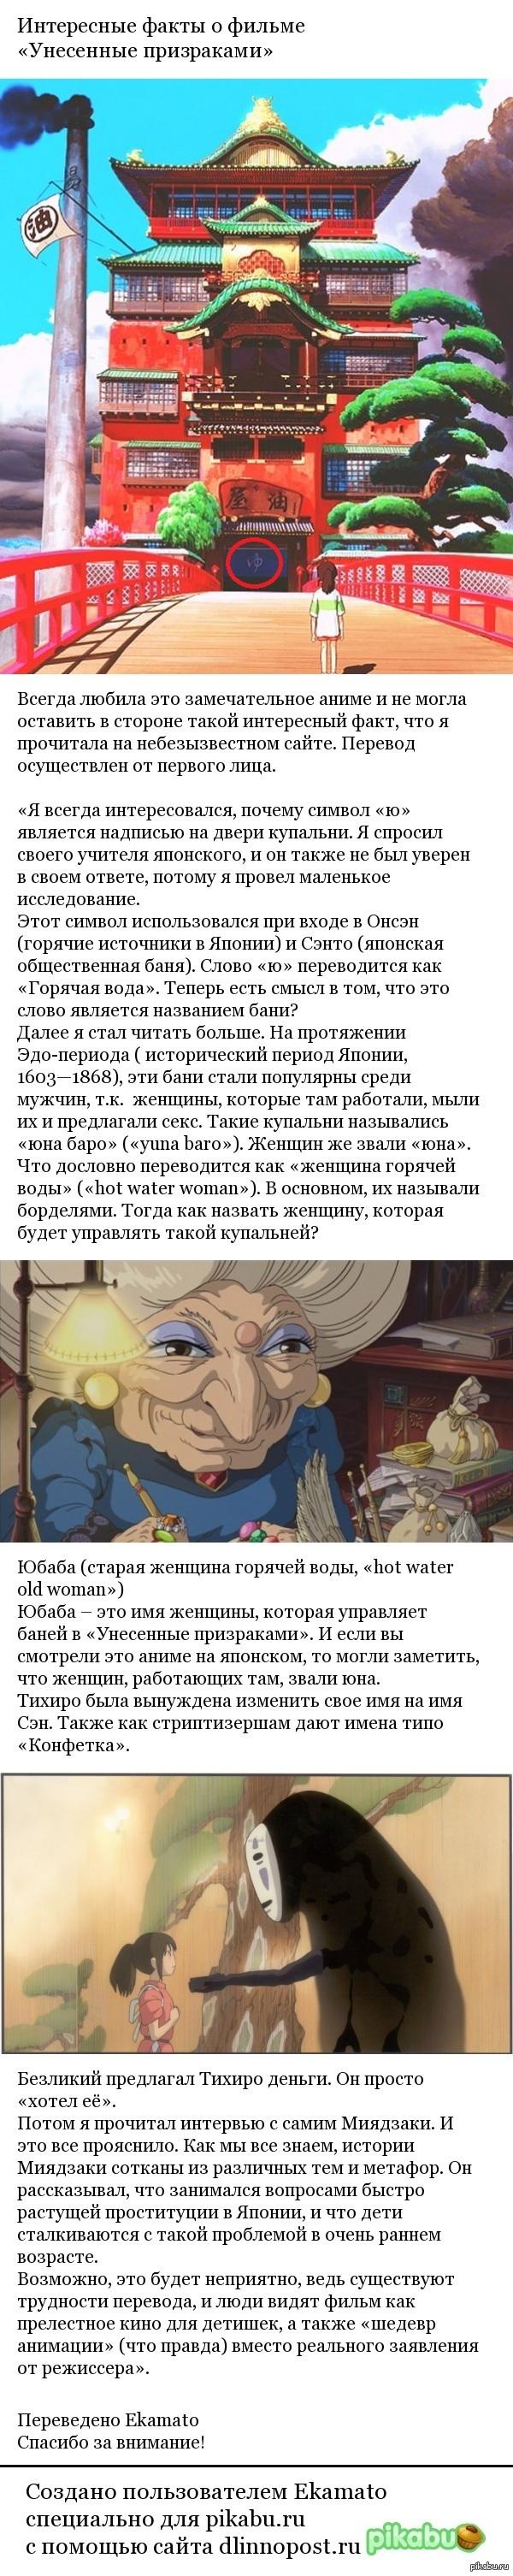 """Интересные факты о фильме """"Унесённые призраками"""""""